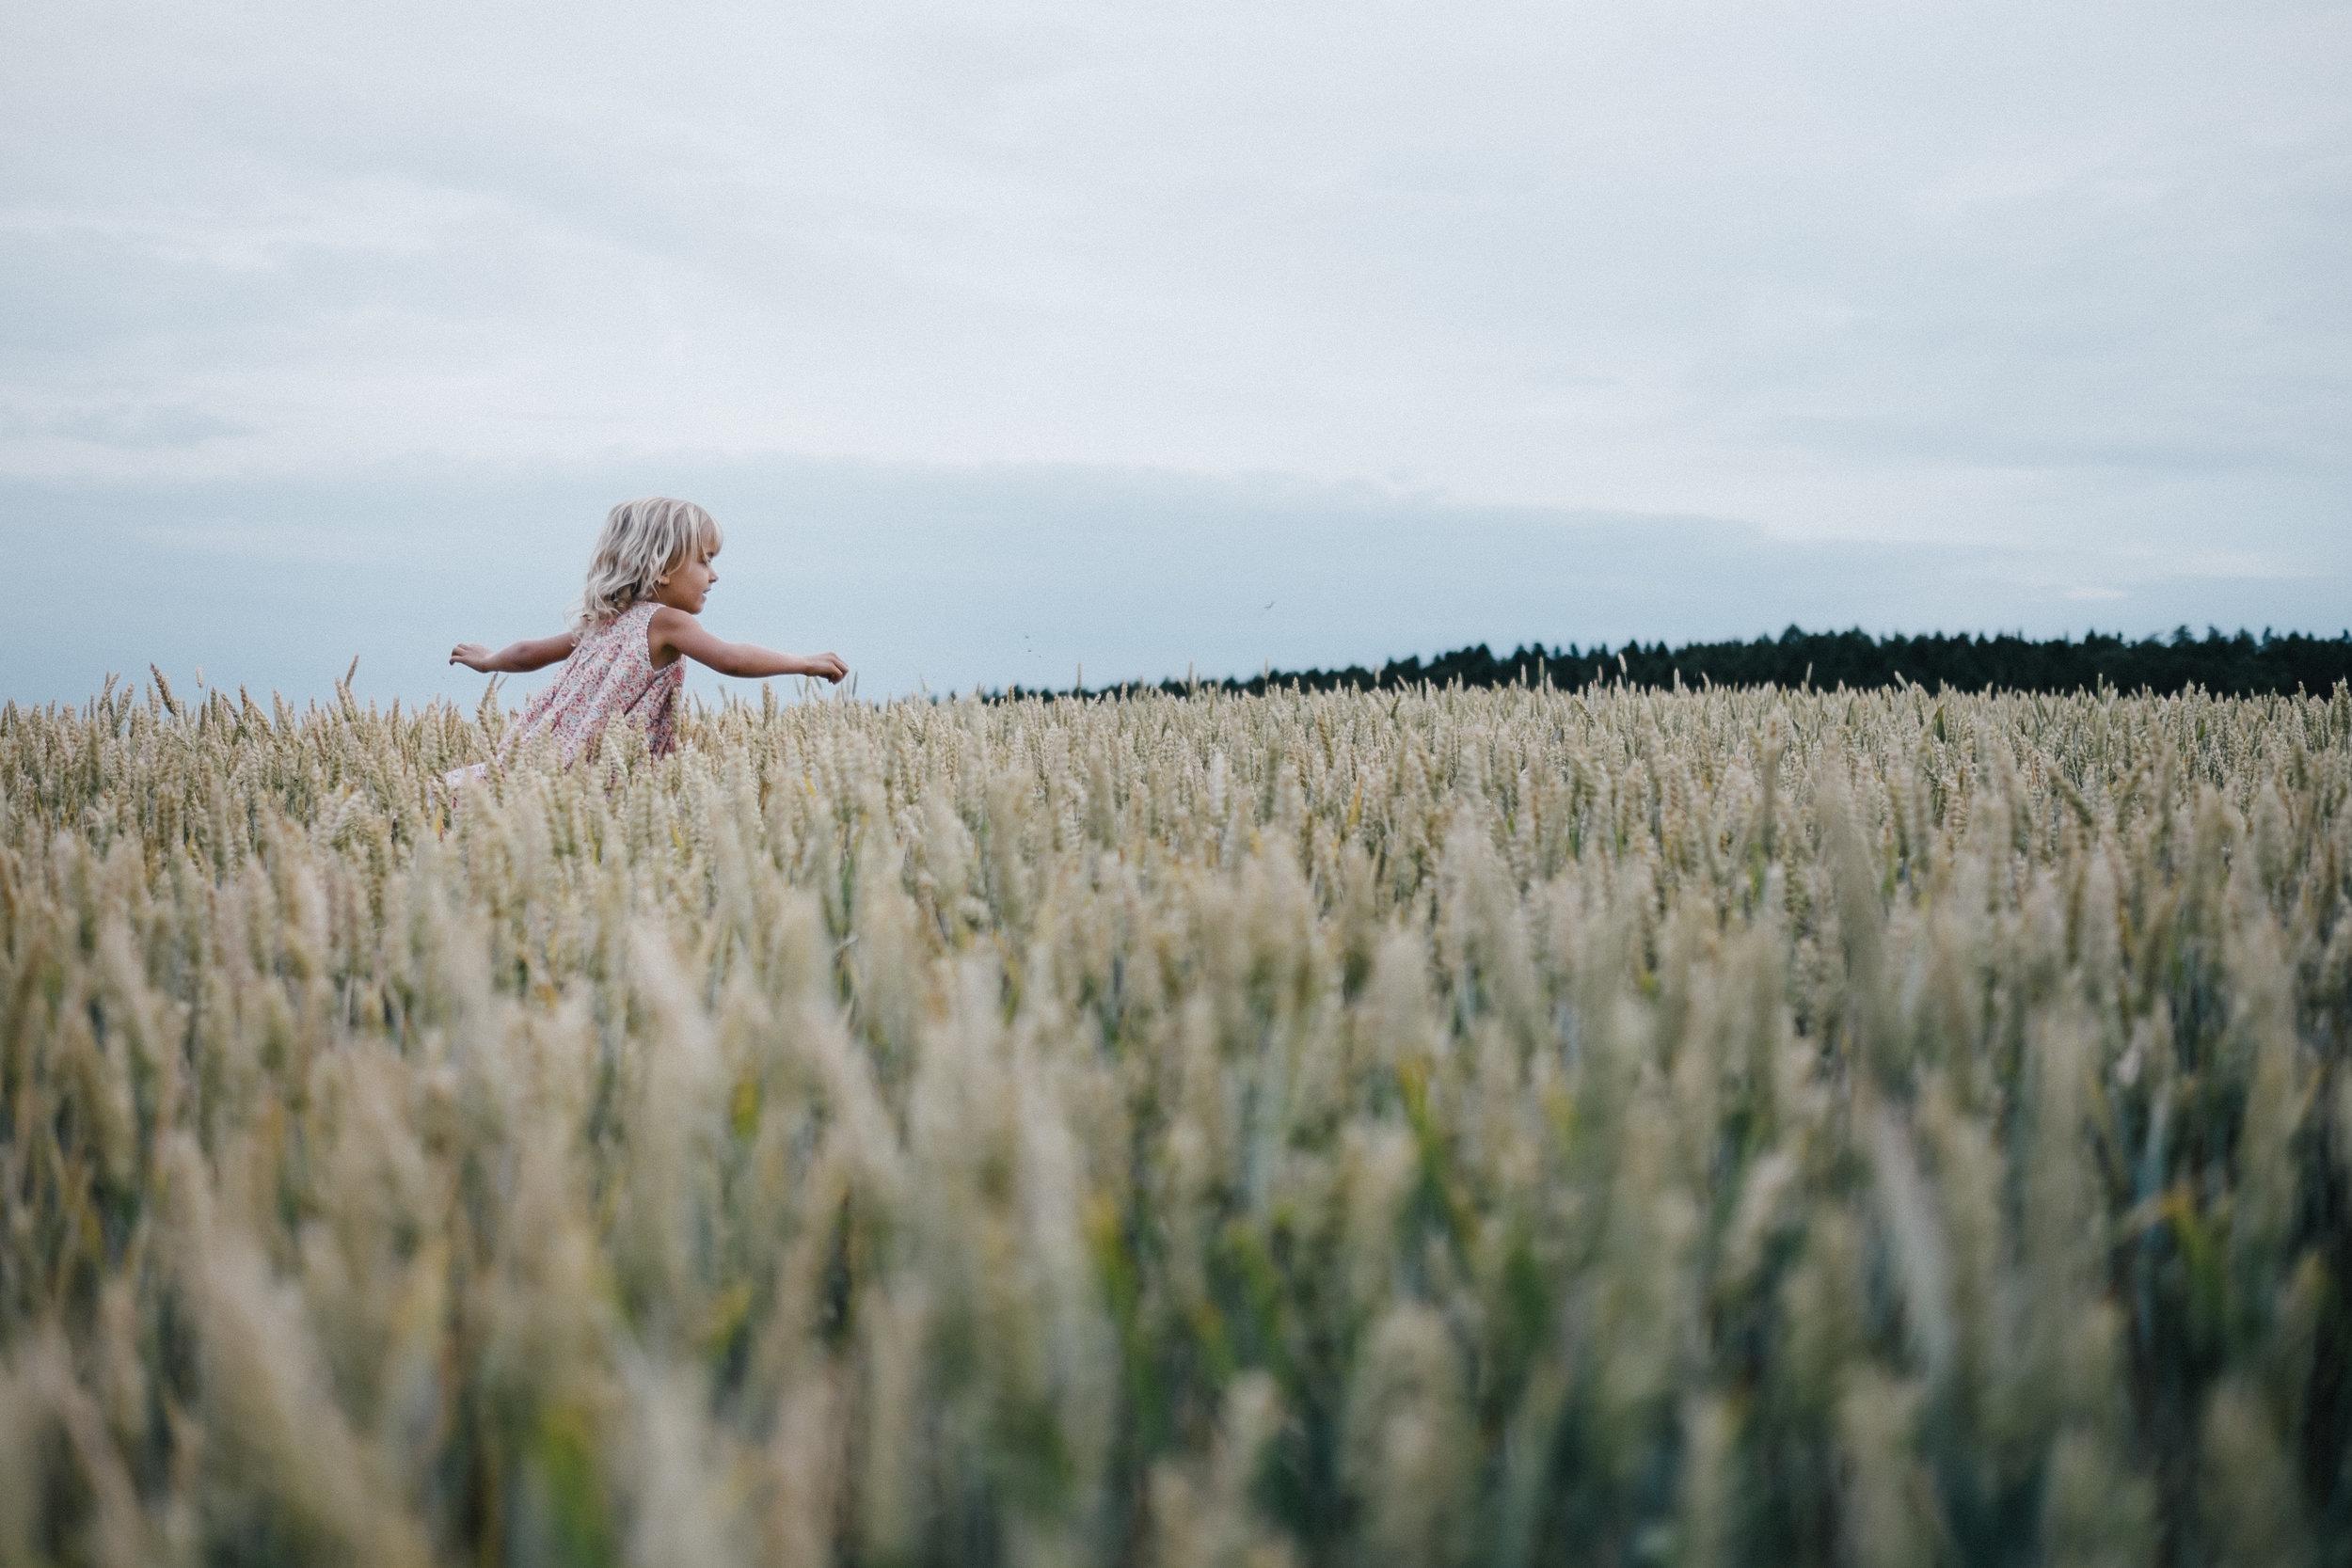 hanna - viola mueller-gerbes photography-3.jpeg